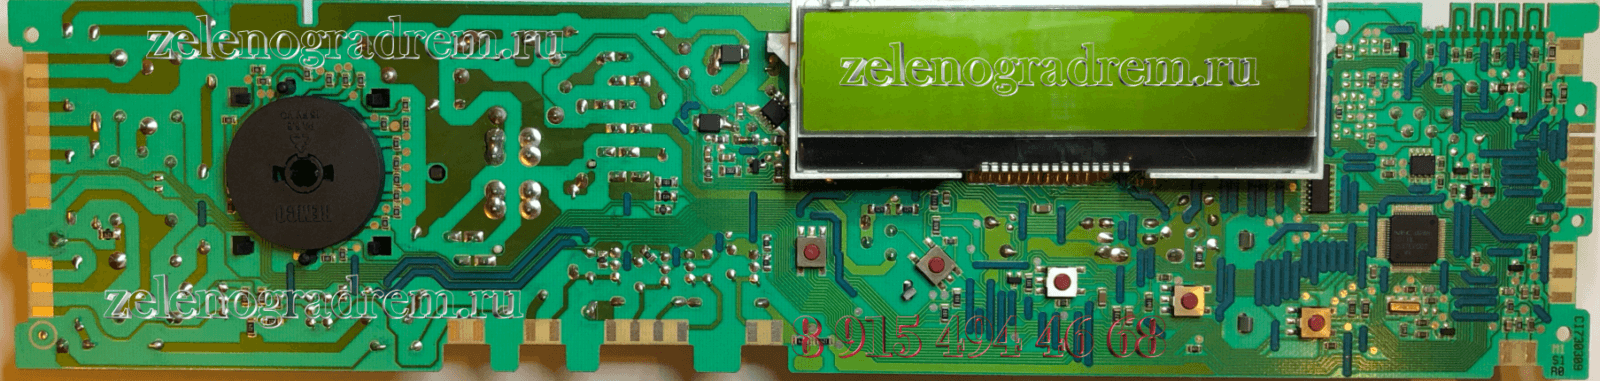 Модуль Управления Стиральной Машины Gorenje